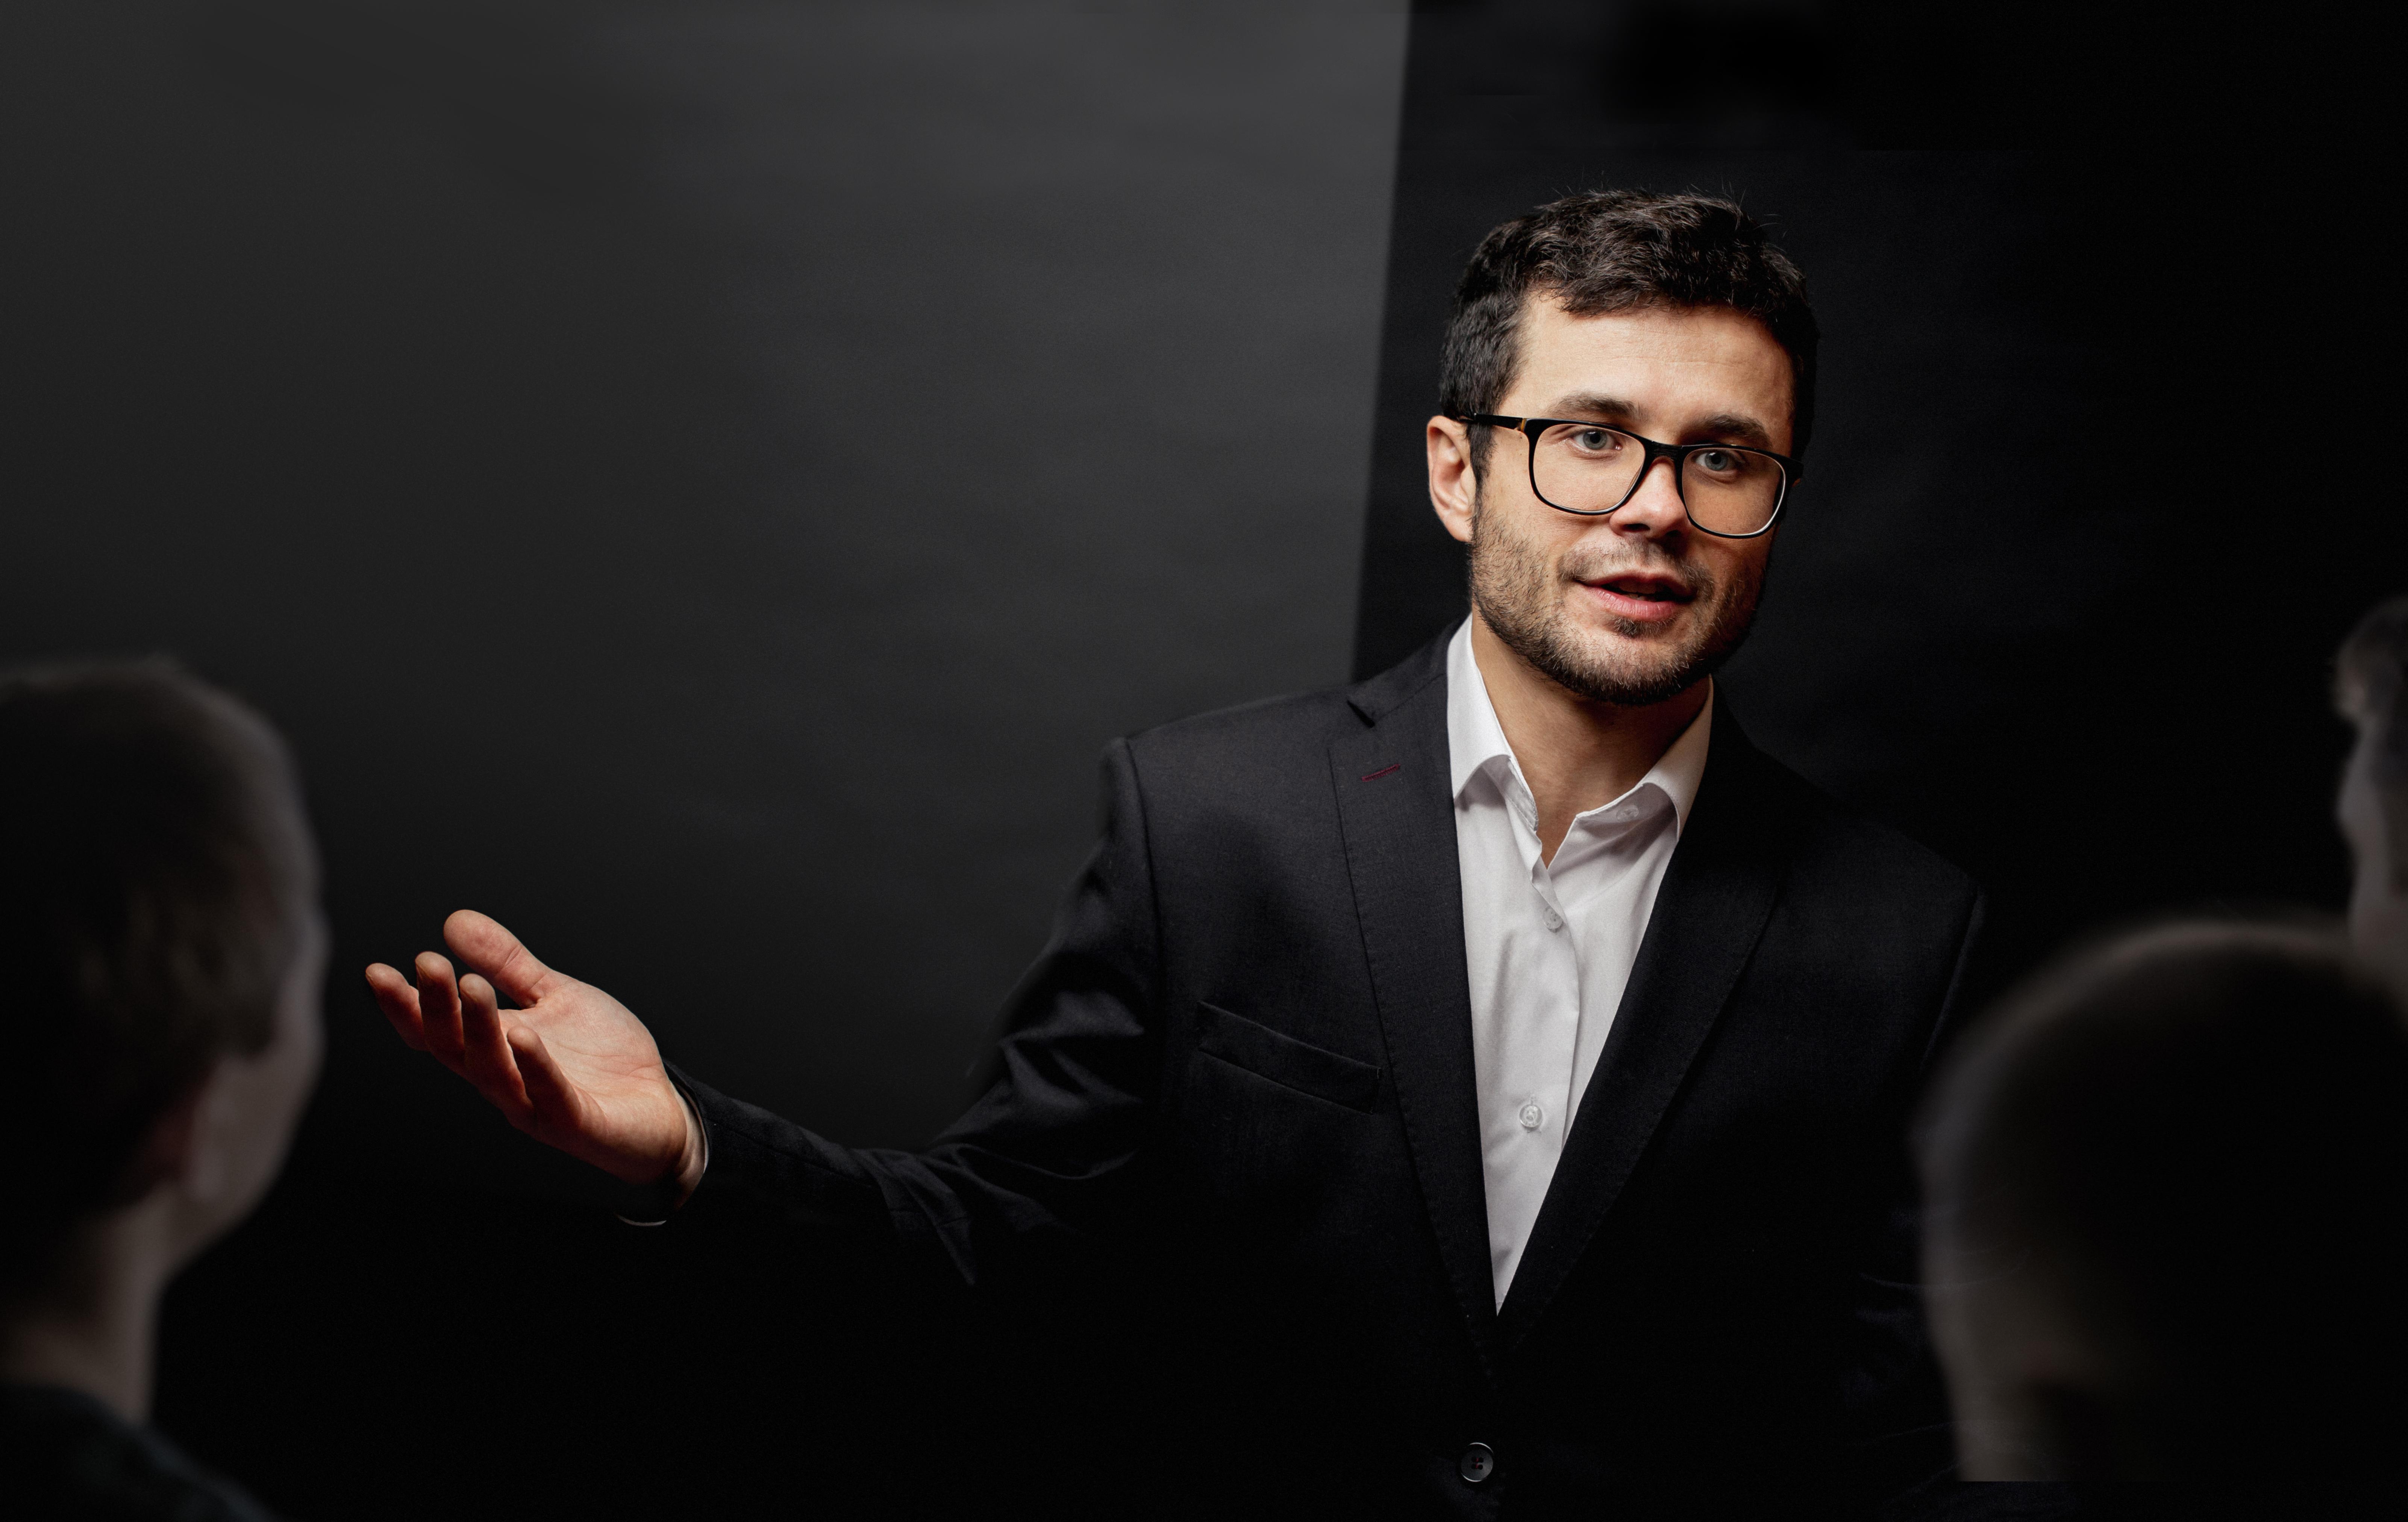 Jordi Guillen